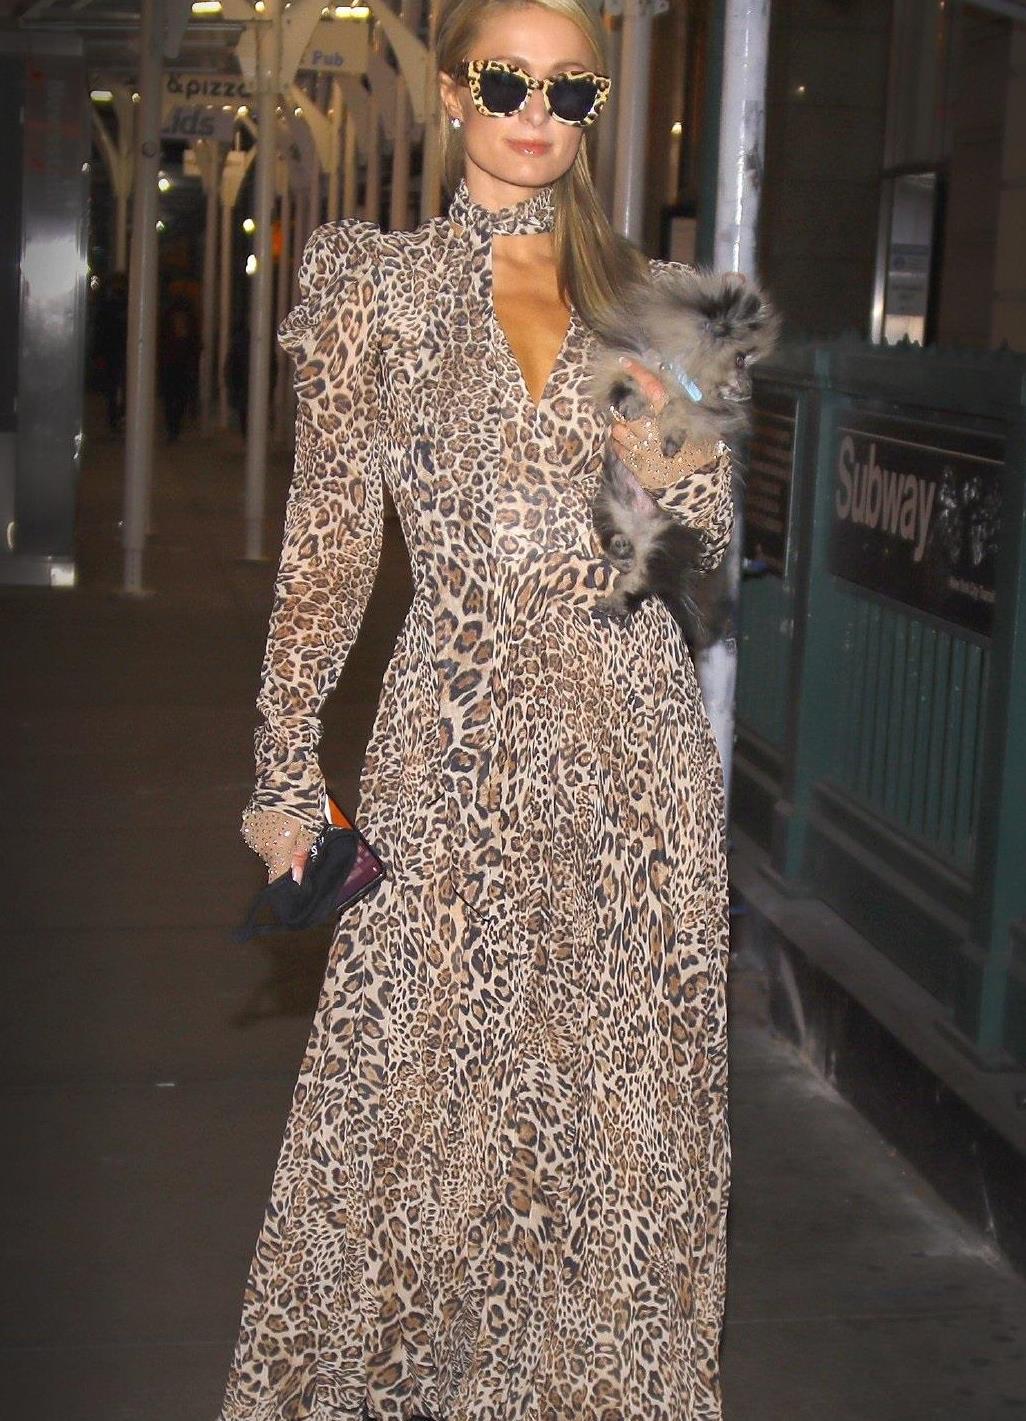 帕丽斯·希尔顿穿豹纹长裙秀细腰,抱狗狗太有名媛范,太高贵